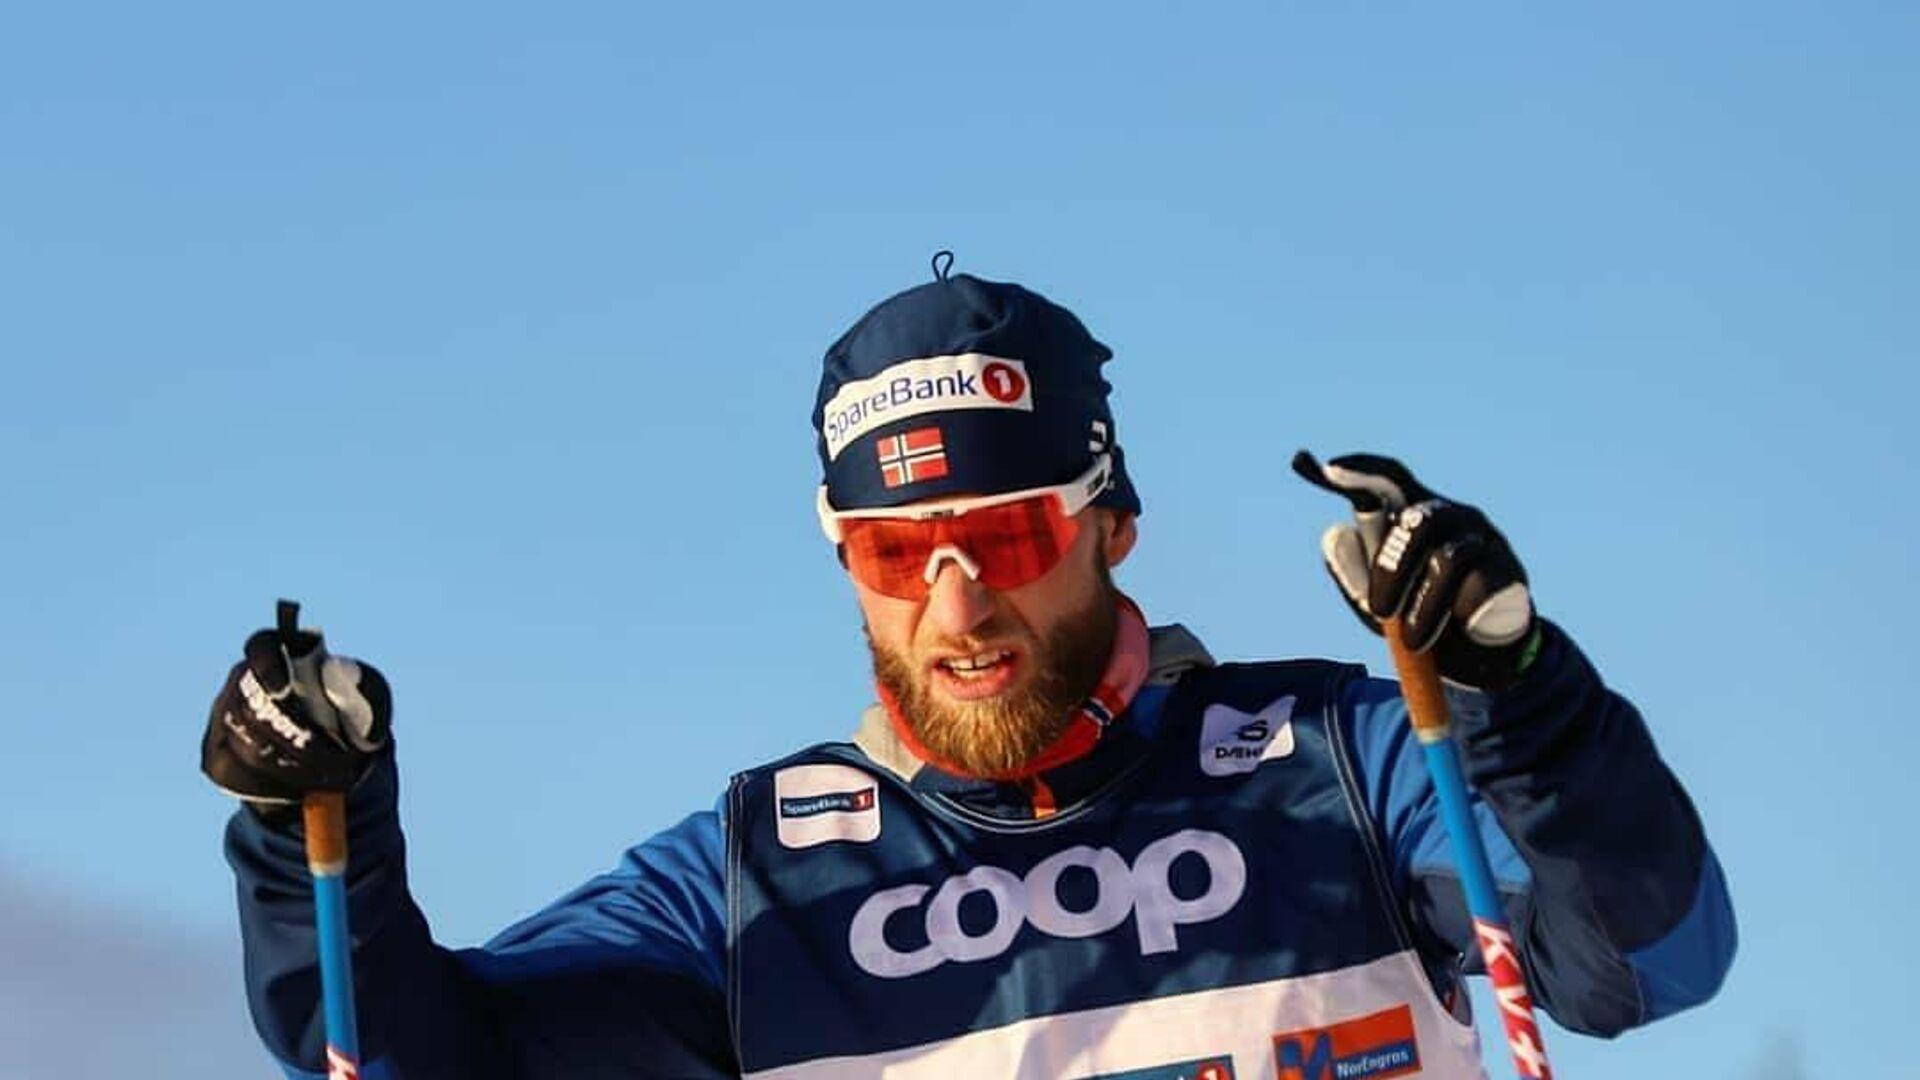 Двукратный олимпийский чемпион 2018 года лыжник Мартин Йонсруд Сундбю - РИА Новости, 1920, 03.02.2021